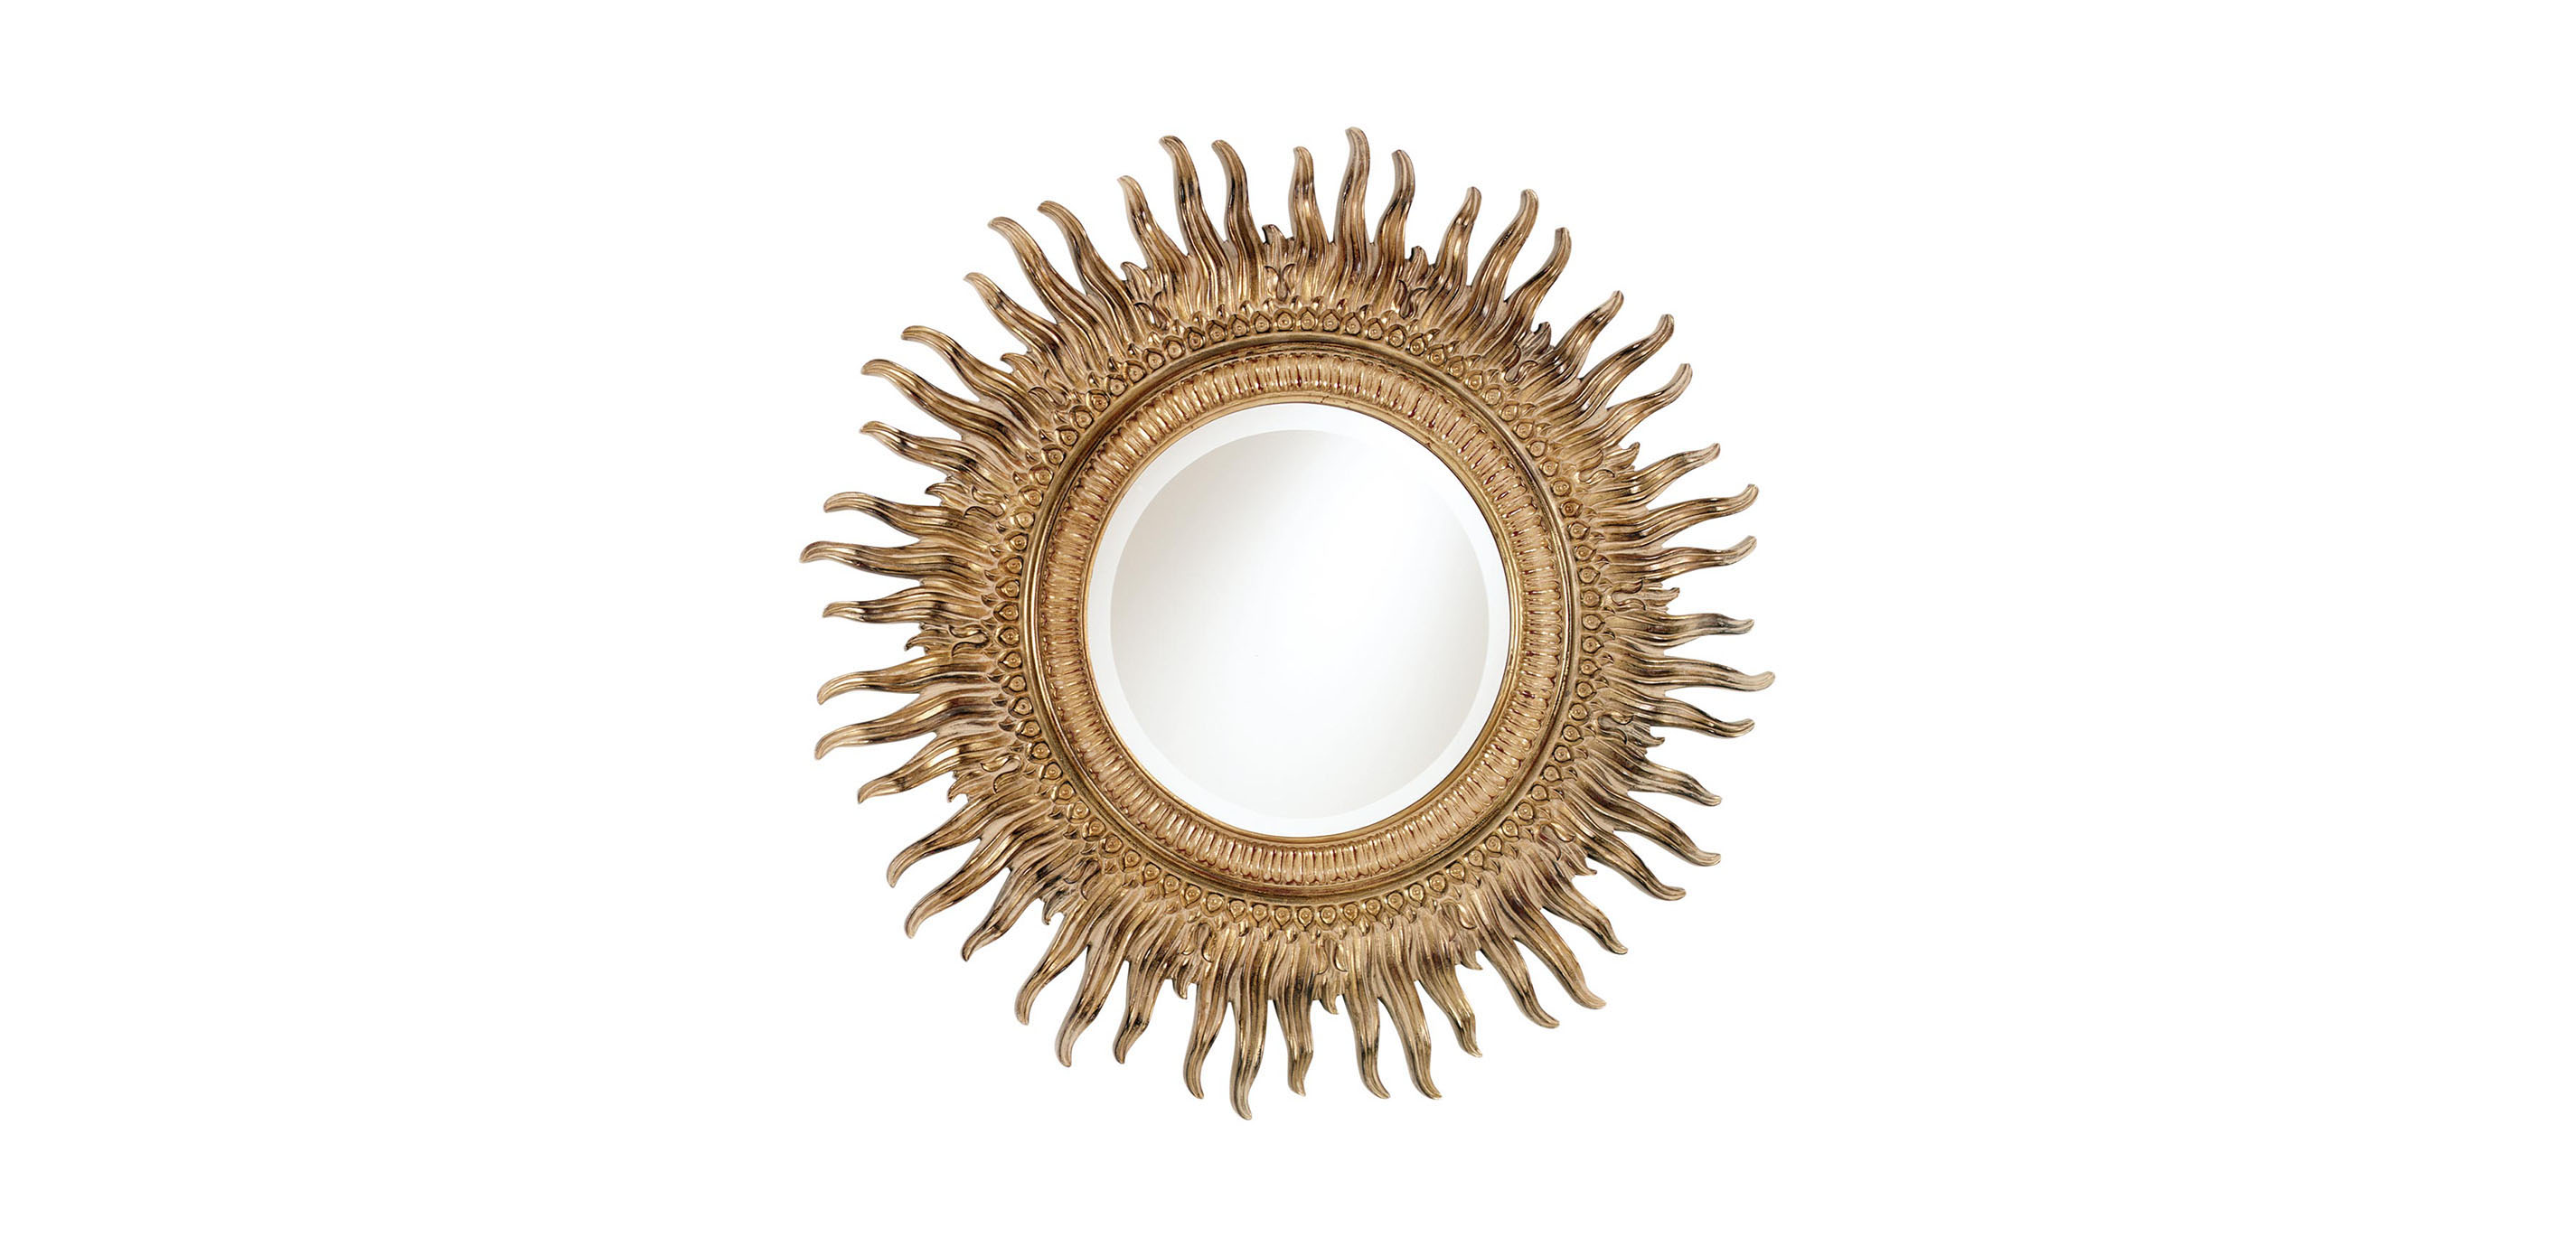 43 sunburst mirror mirrors ethan allen for Sunburst mirror